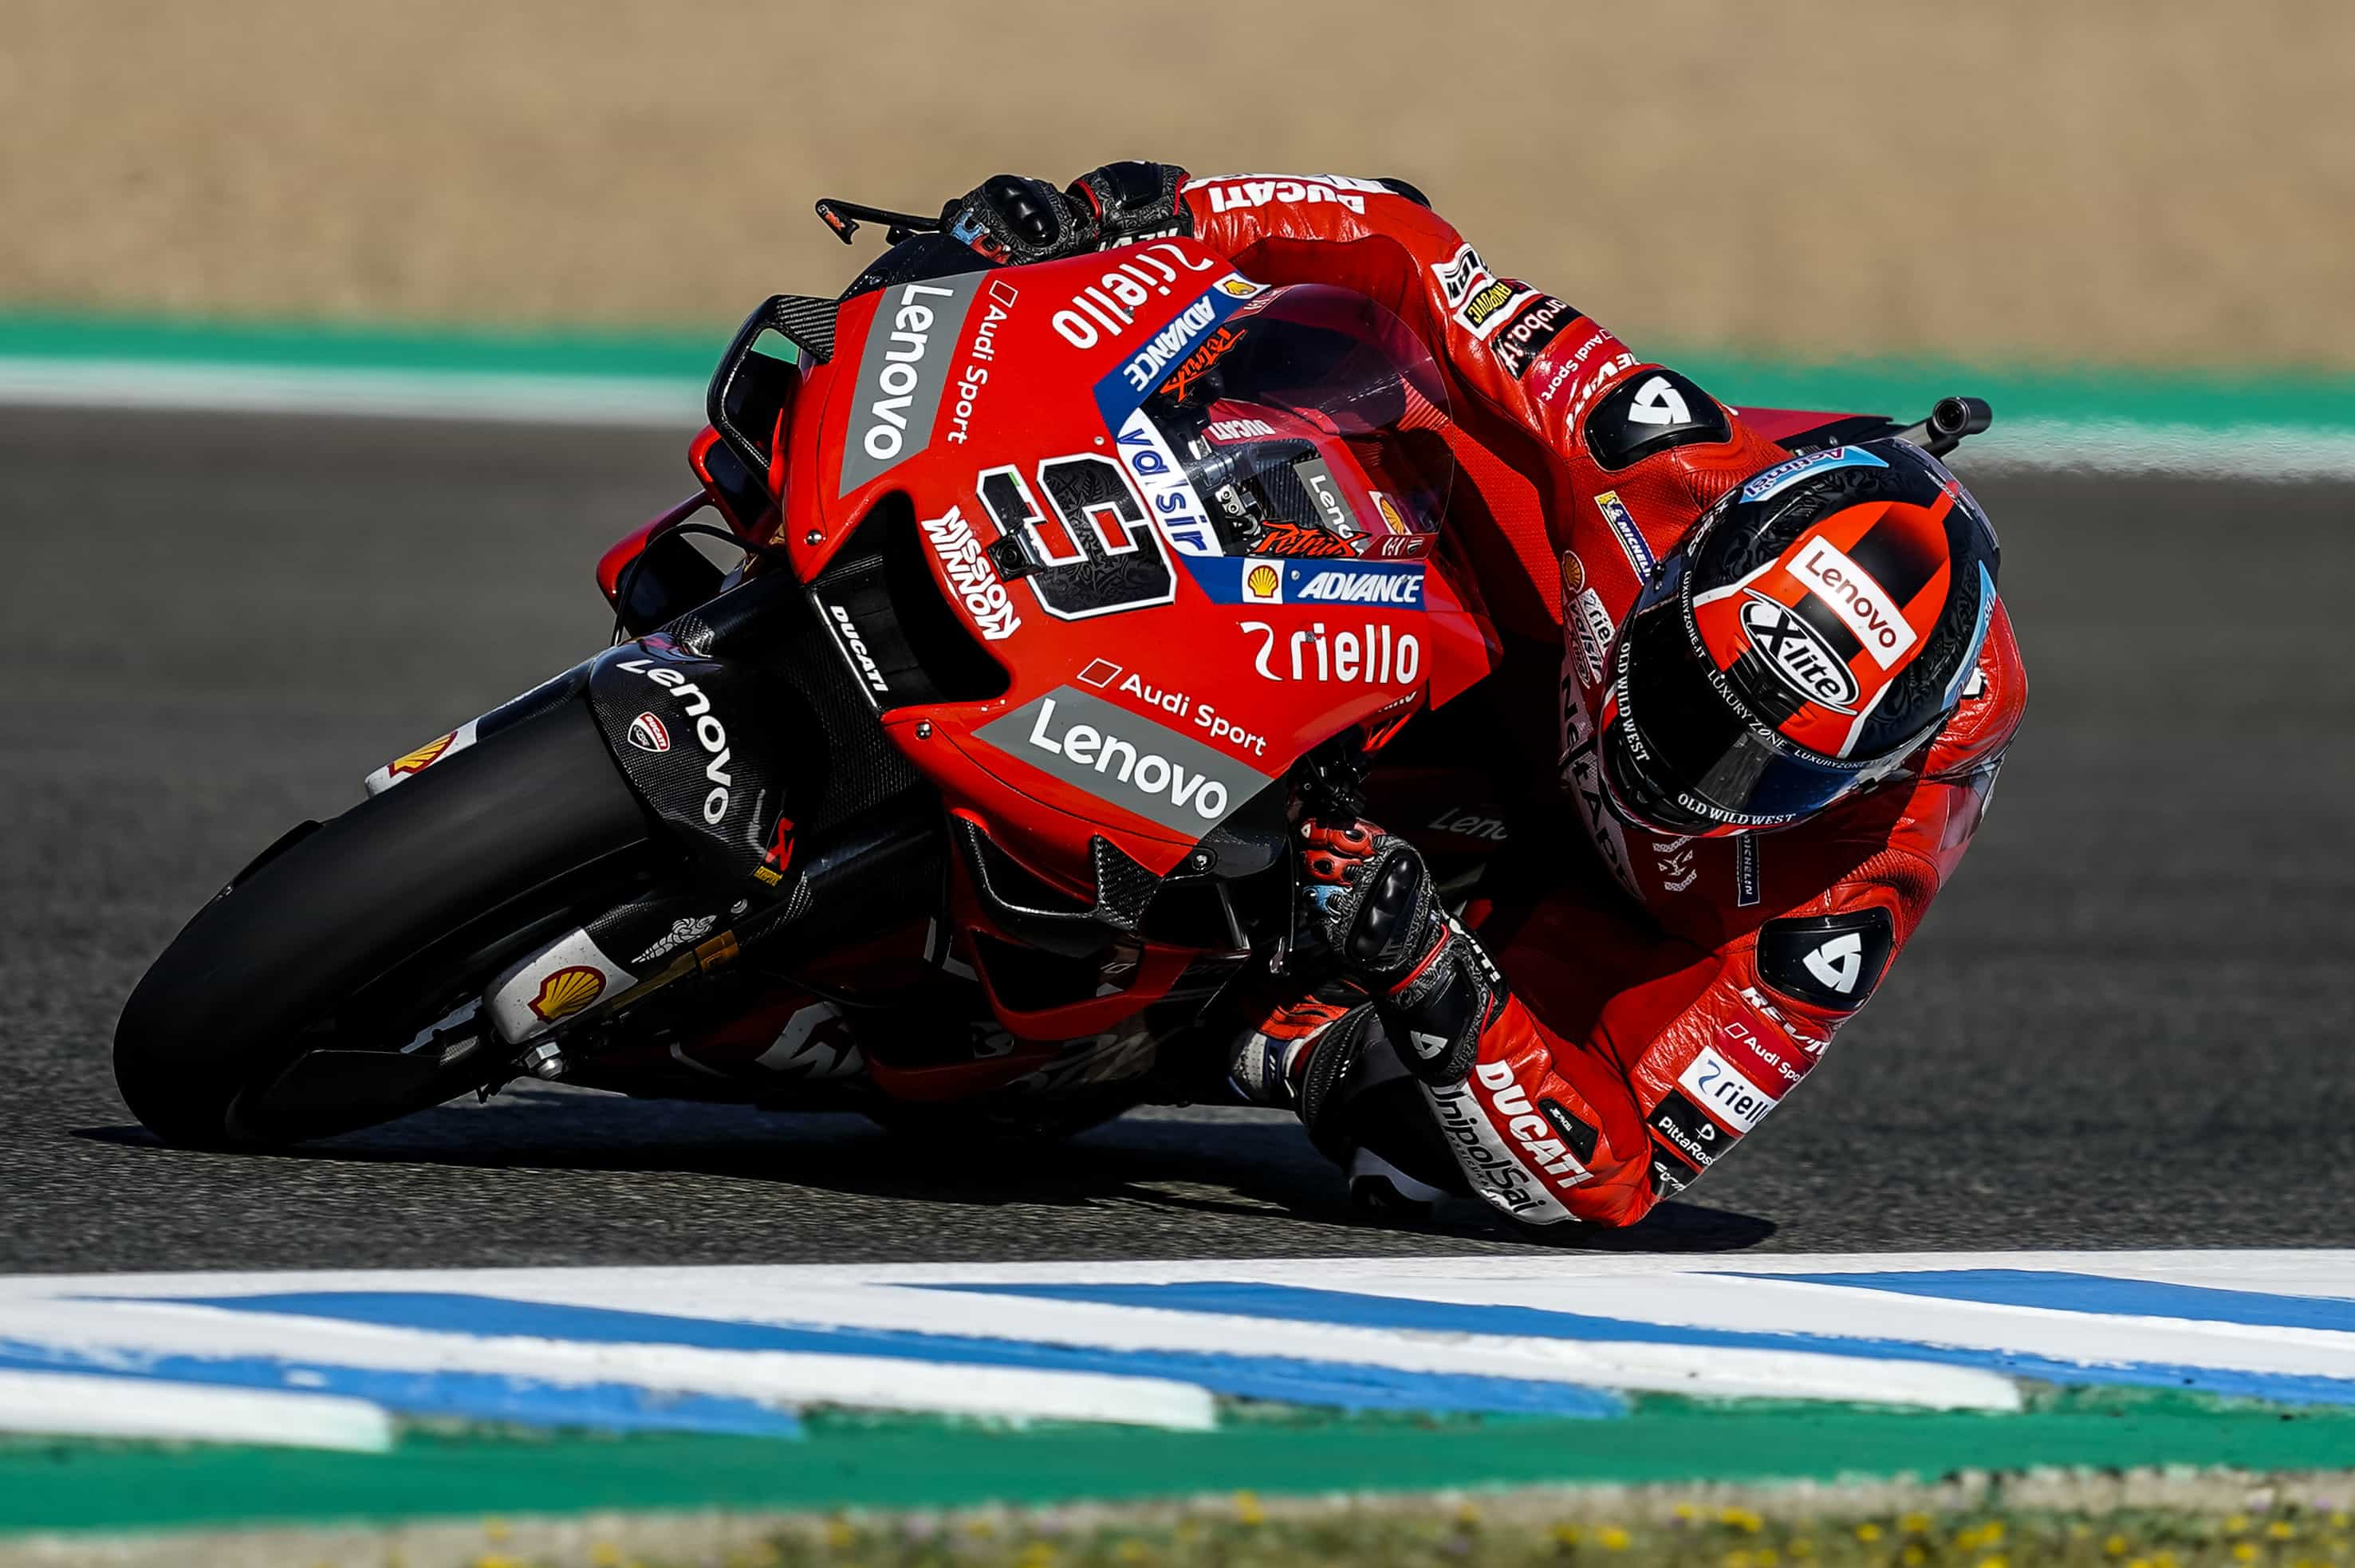 MotoGP2019ヘレスGP FP2 1位ペトルッチ「予選で前の列を獲得することが目標」